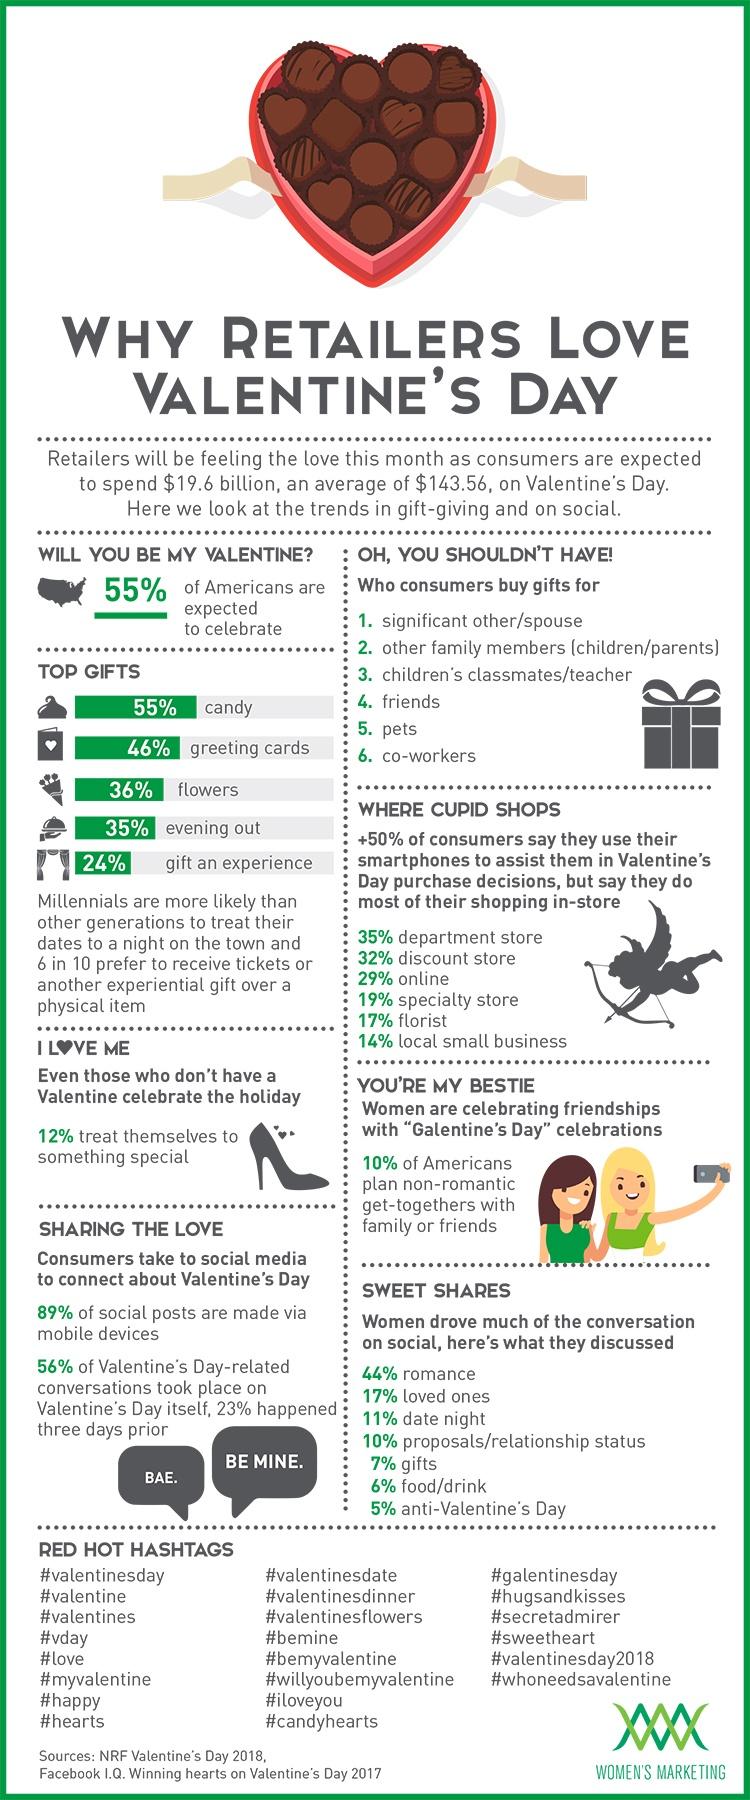 WhyRetailersLoveVDay_Infographic.jpg